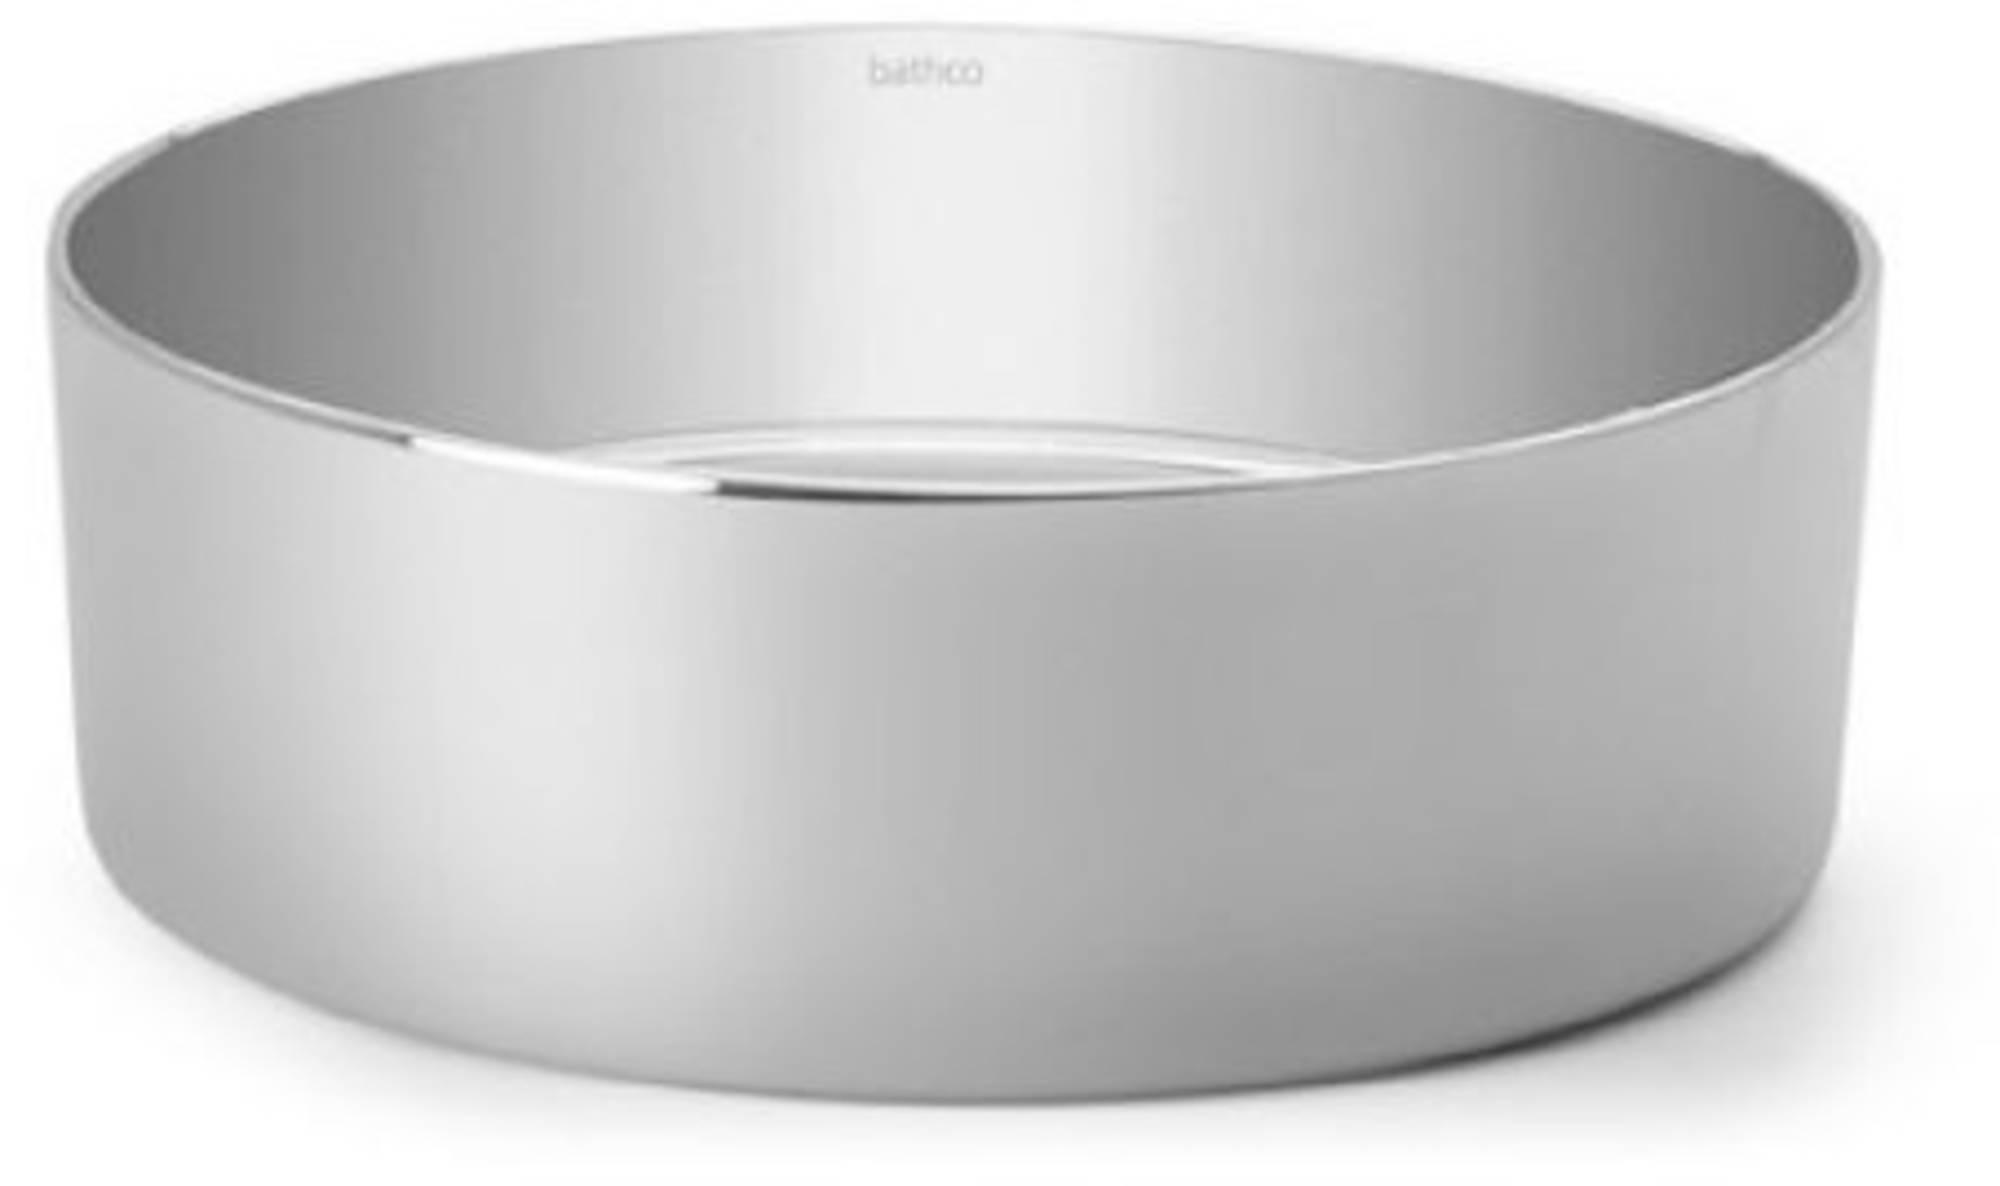 Bathco Dinan Opzetkom Ø 38x15 cm Silver